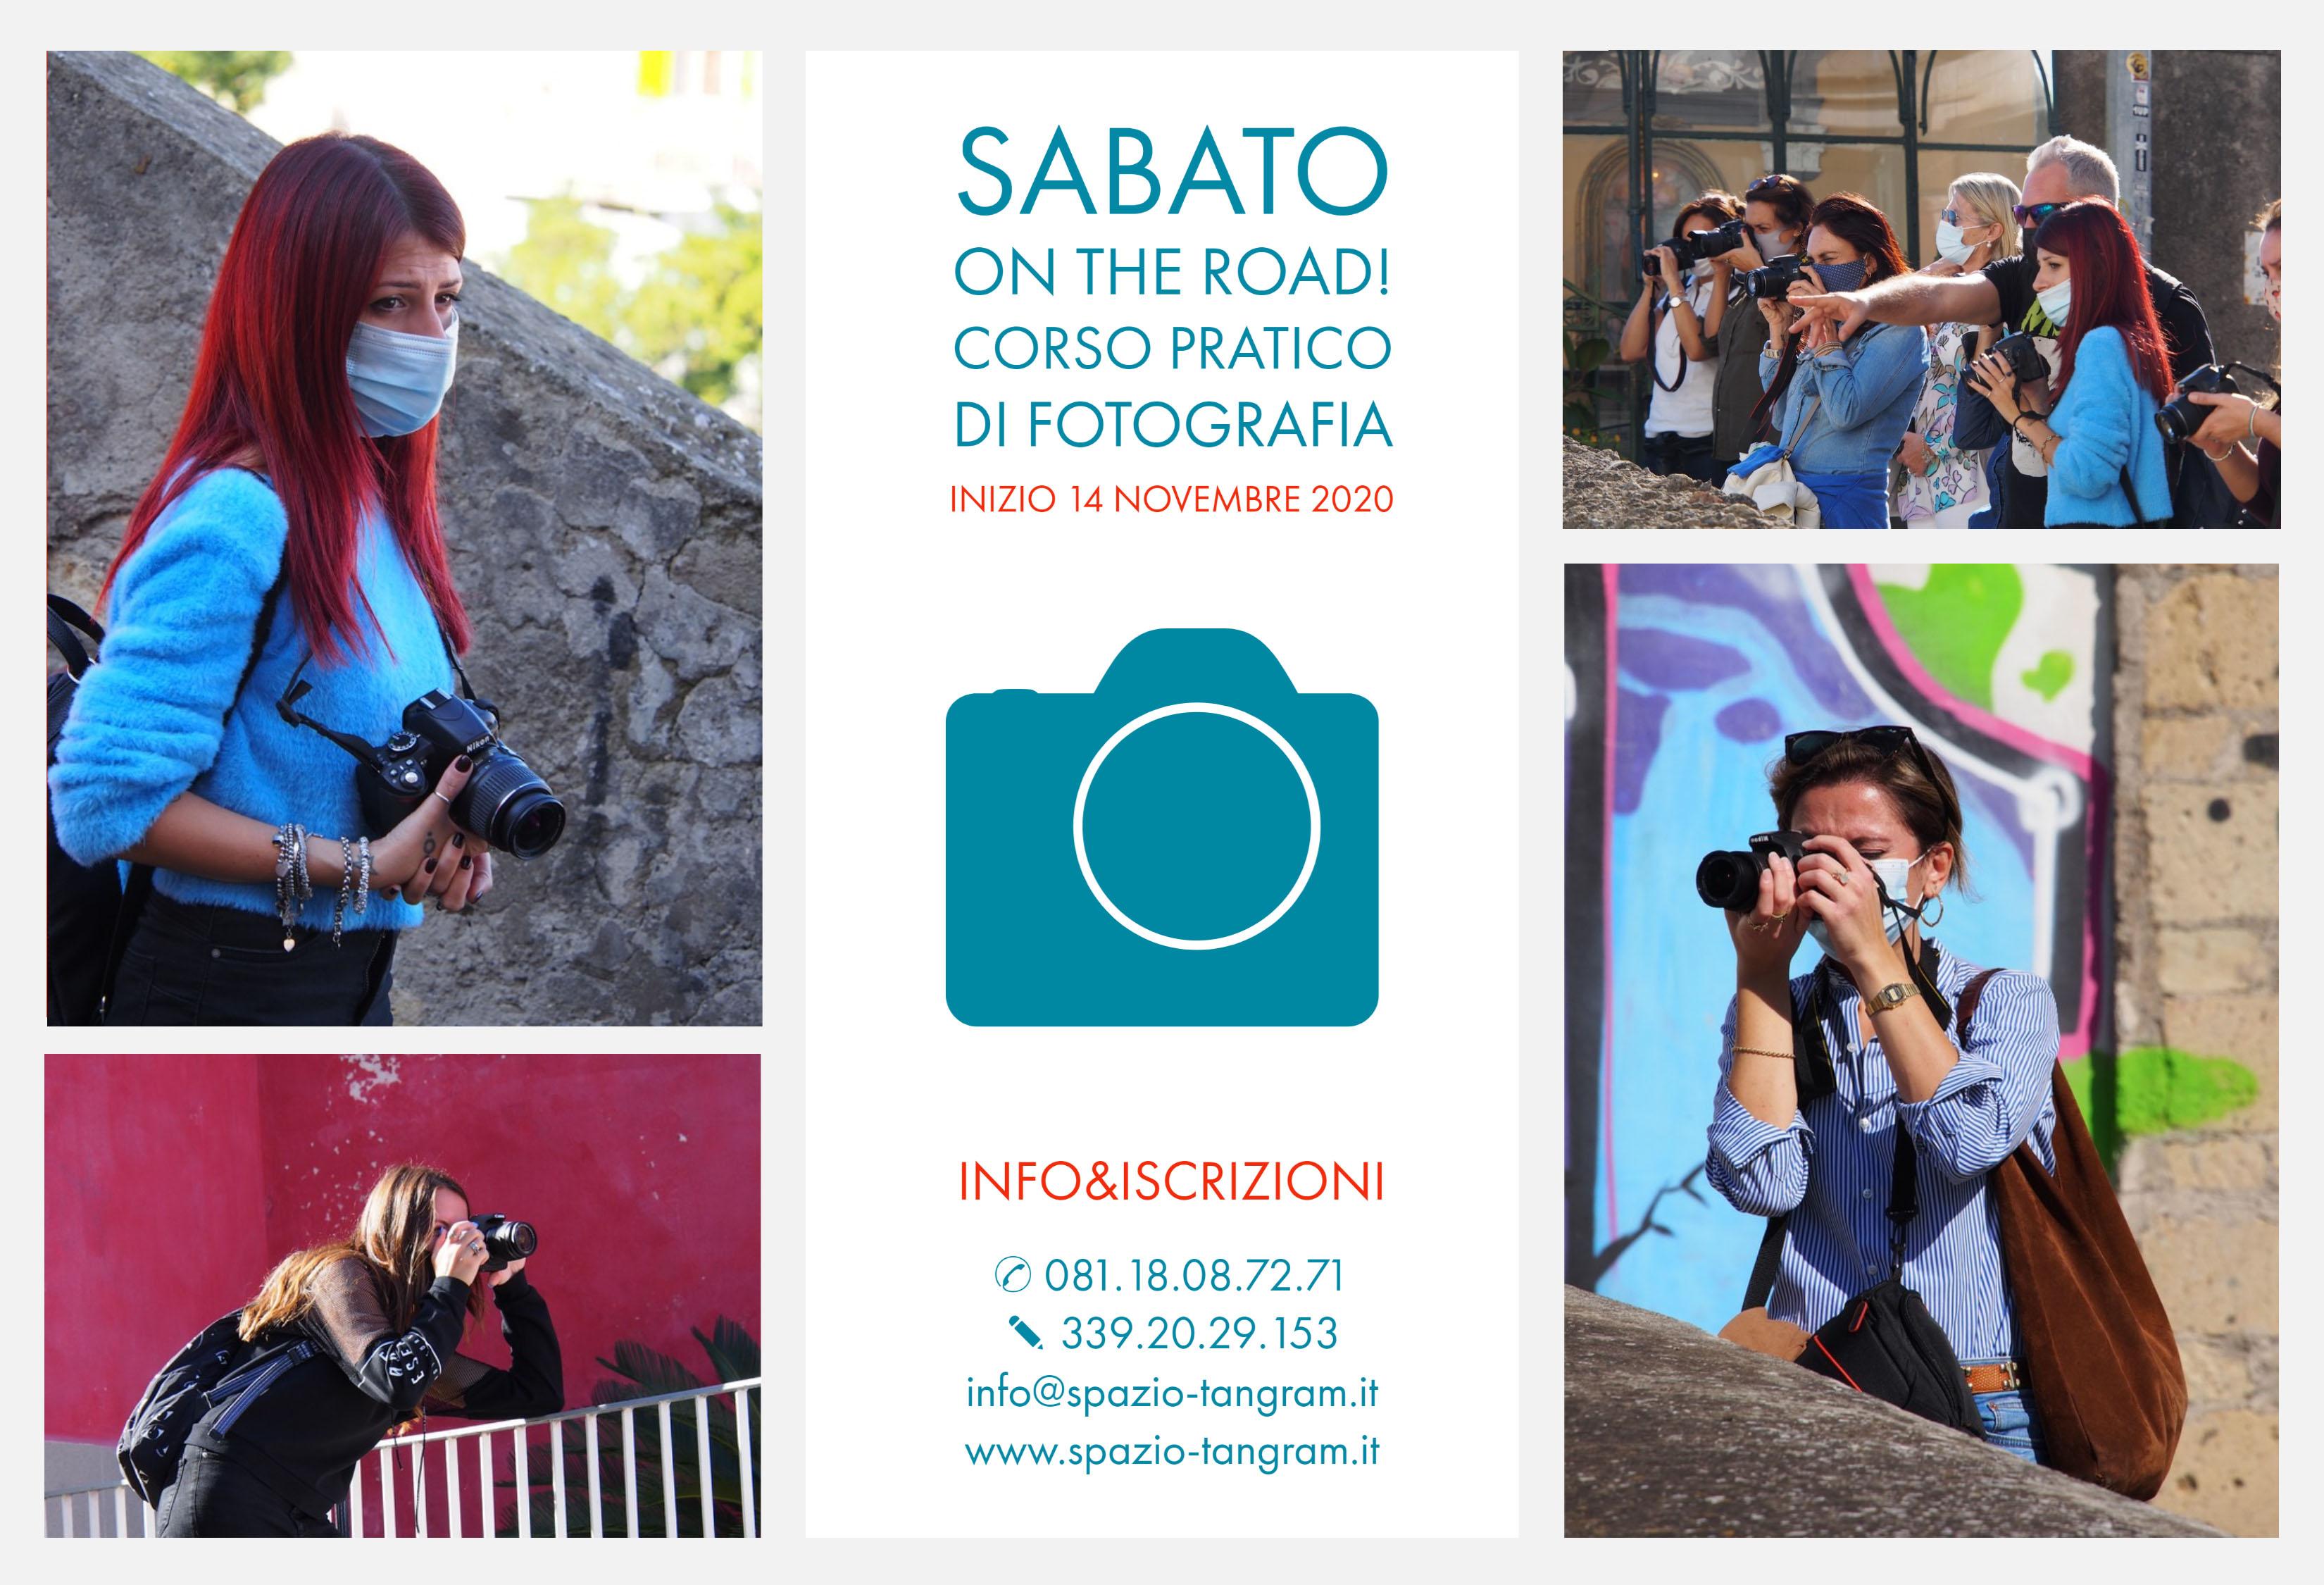 Sabato on the Road! Corso Pratico di Fotografia di Base